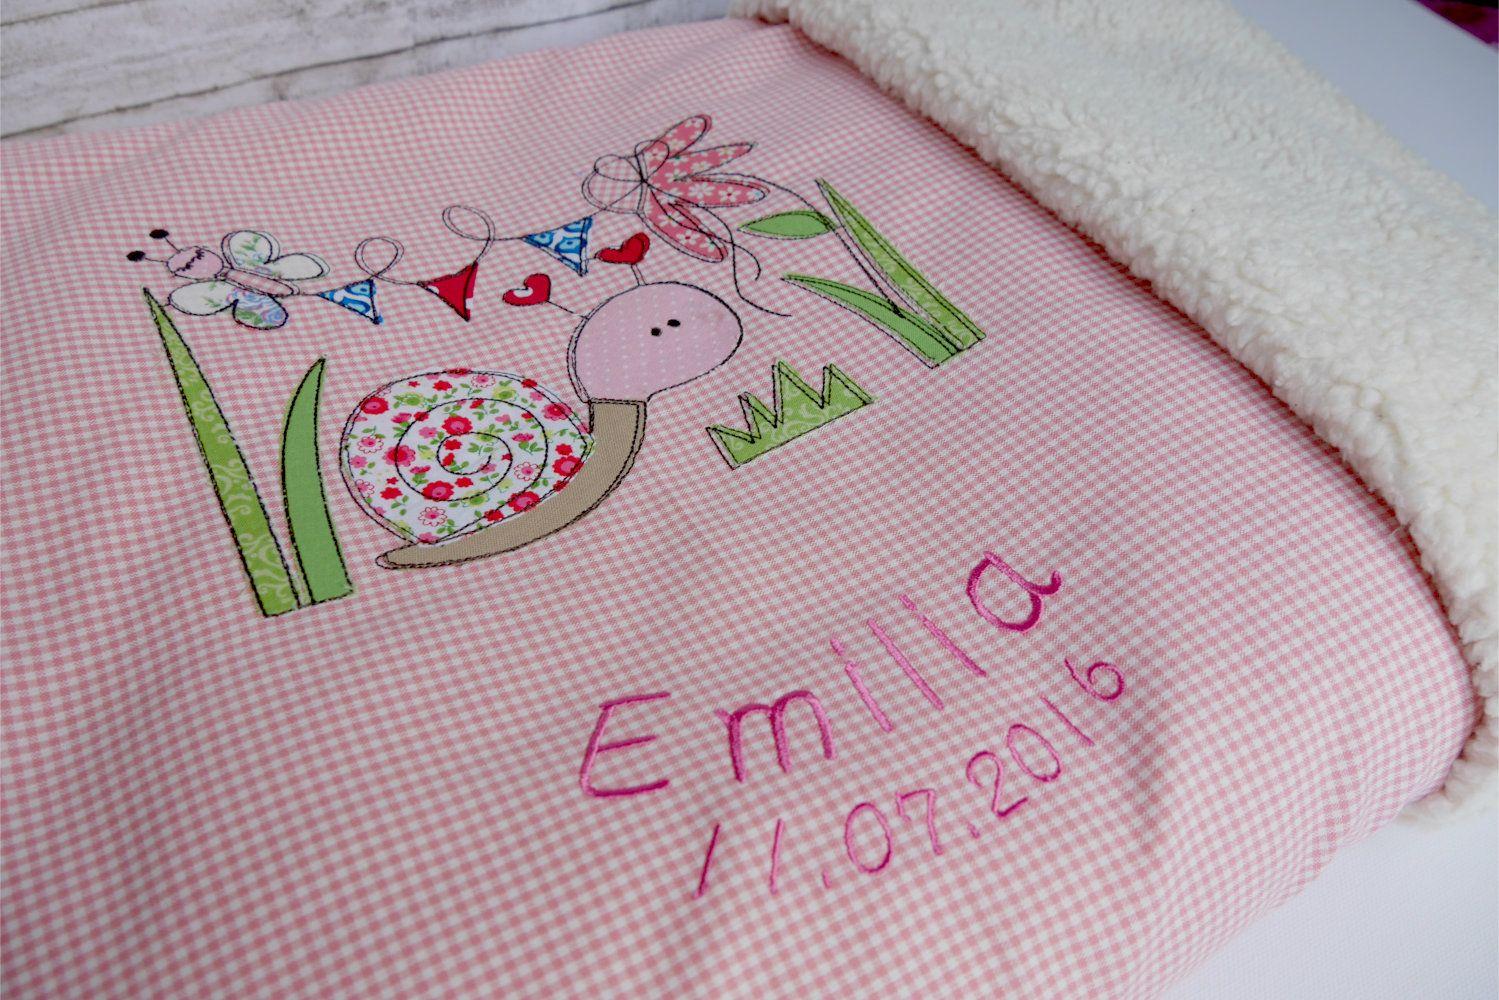 Süße Babydecke mit Schnecke für Mädchen - Biggis Design